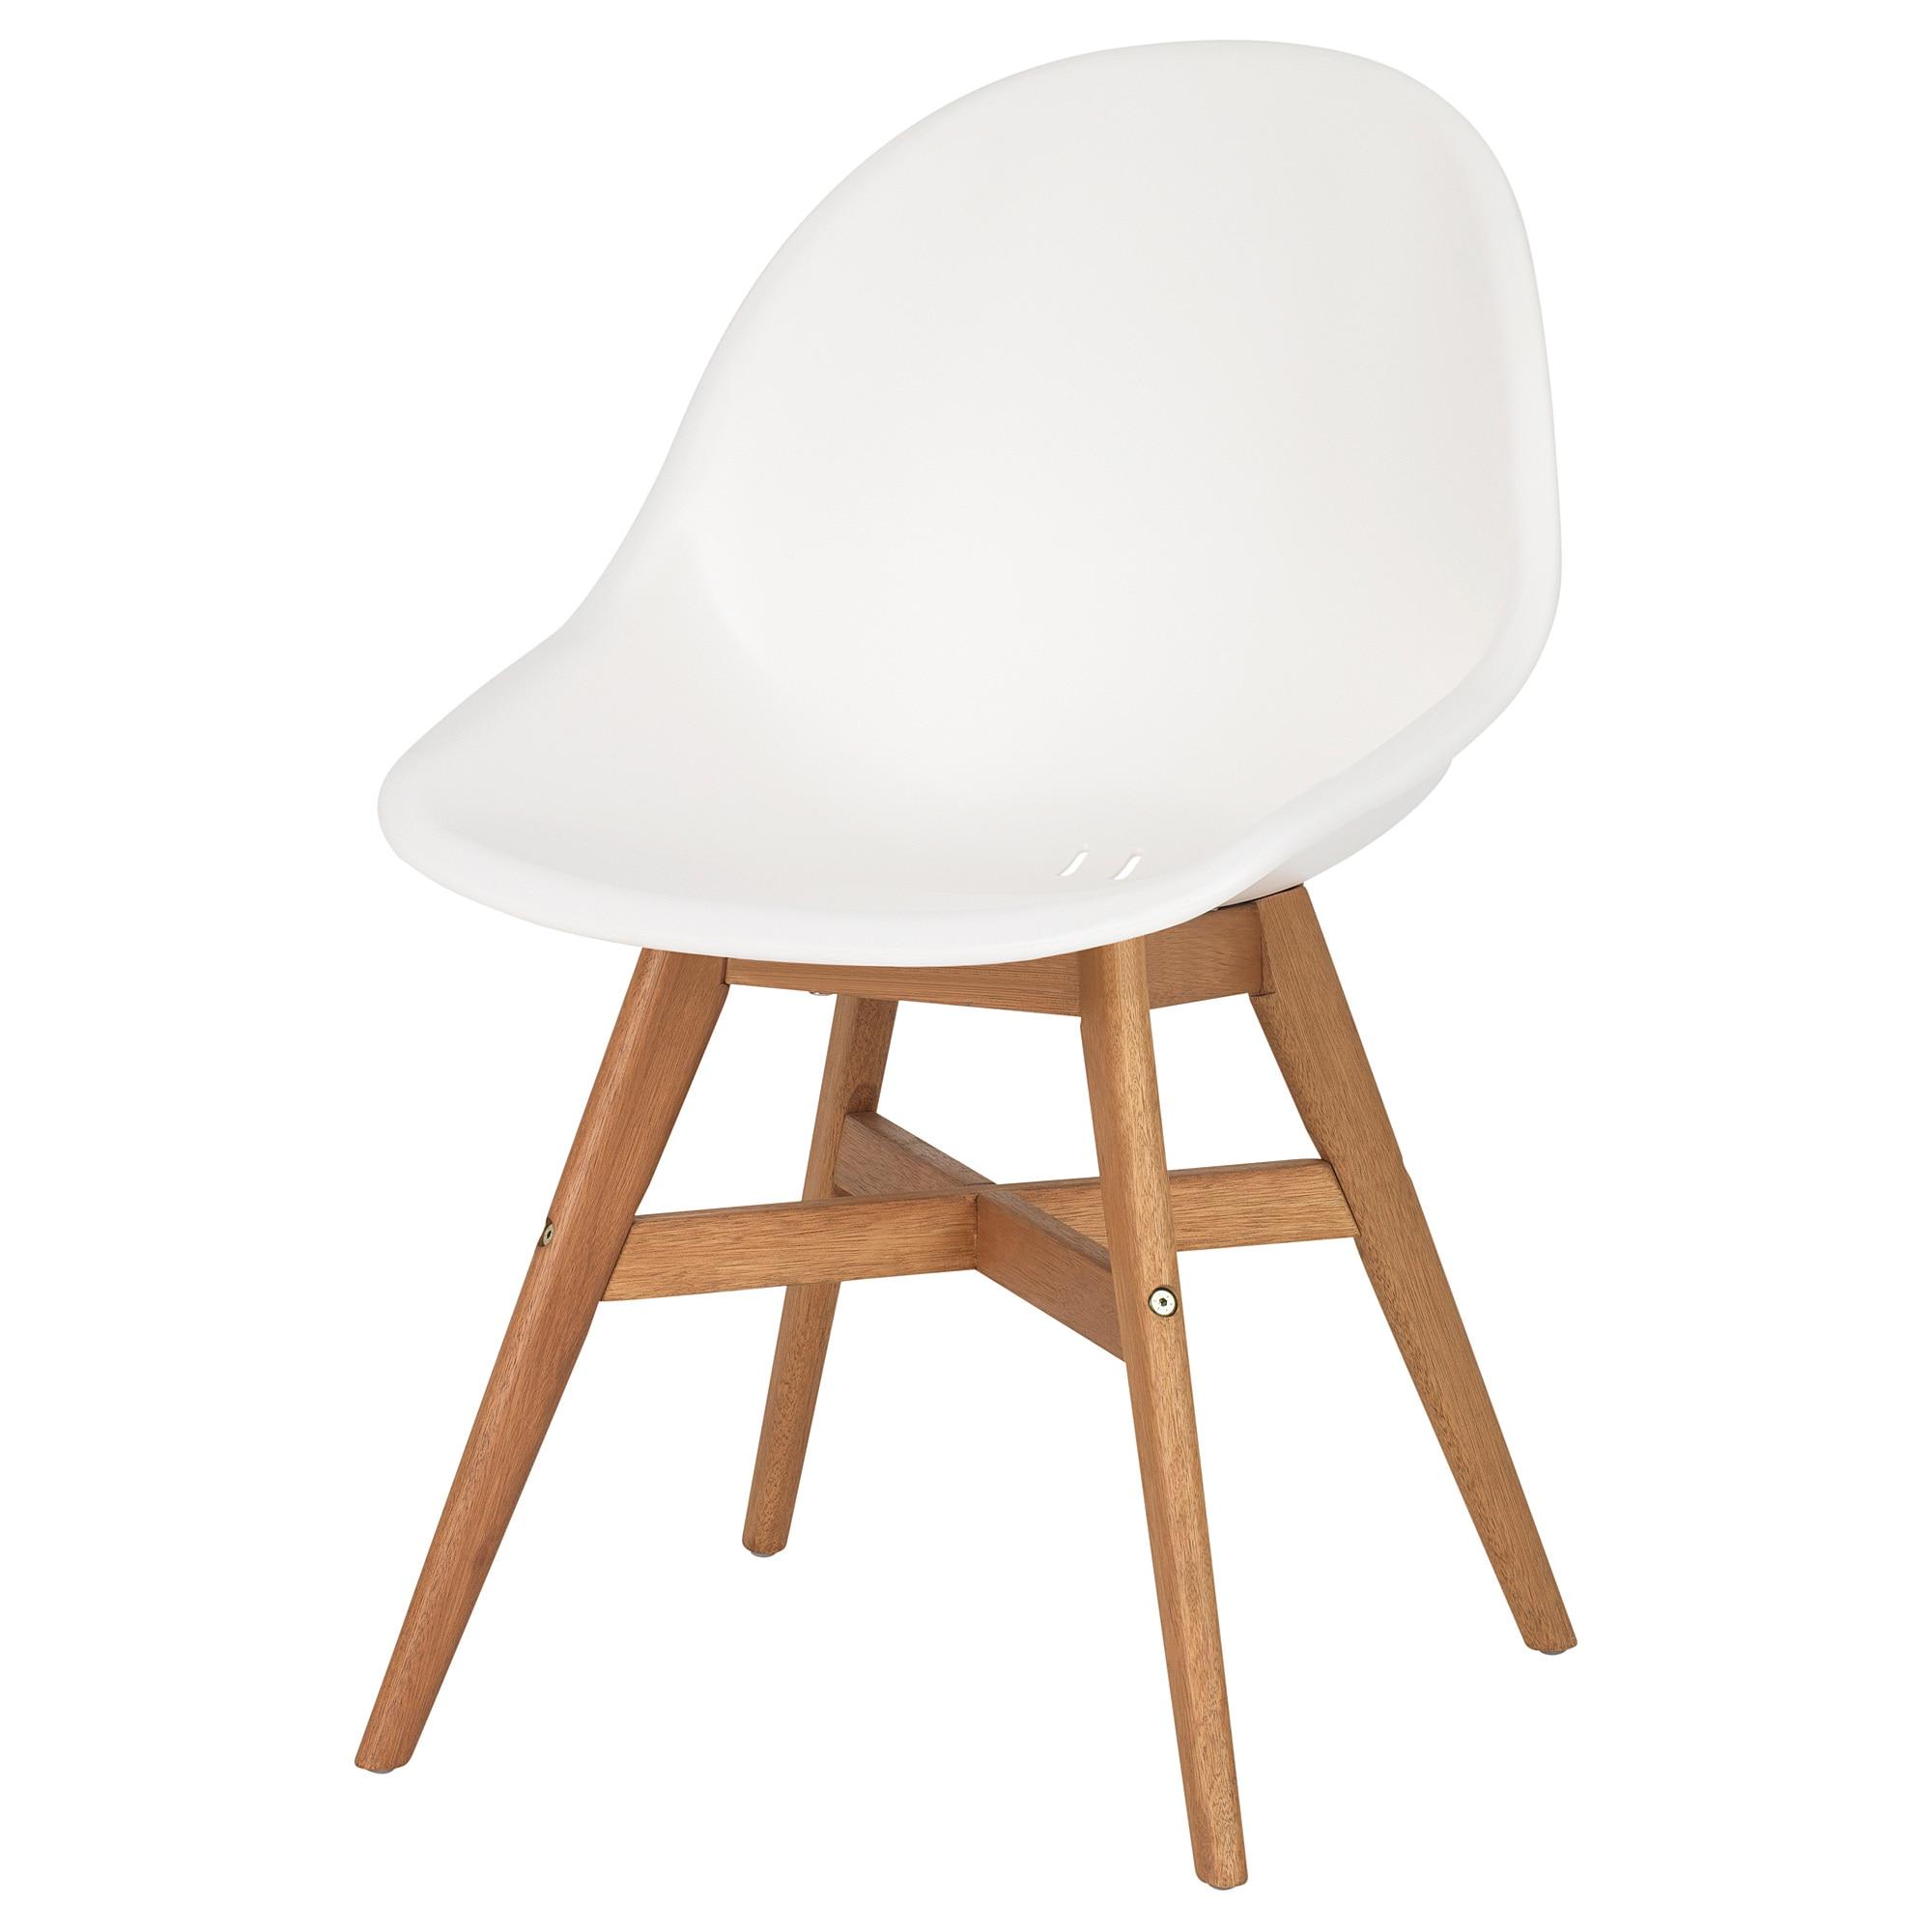 Eetkamer Stoel Ikea.Fanbyn Eetkamerstoel Wit Huis Ikea Dining Ikea Dining Chair